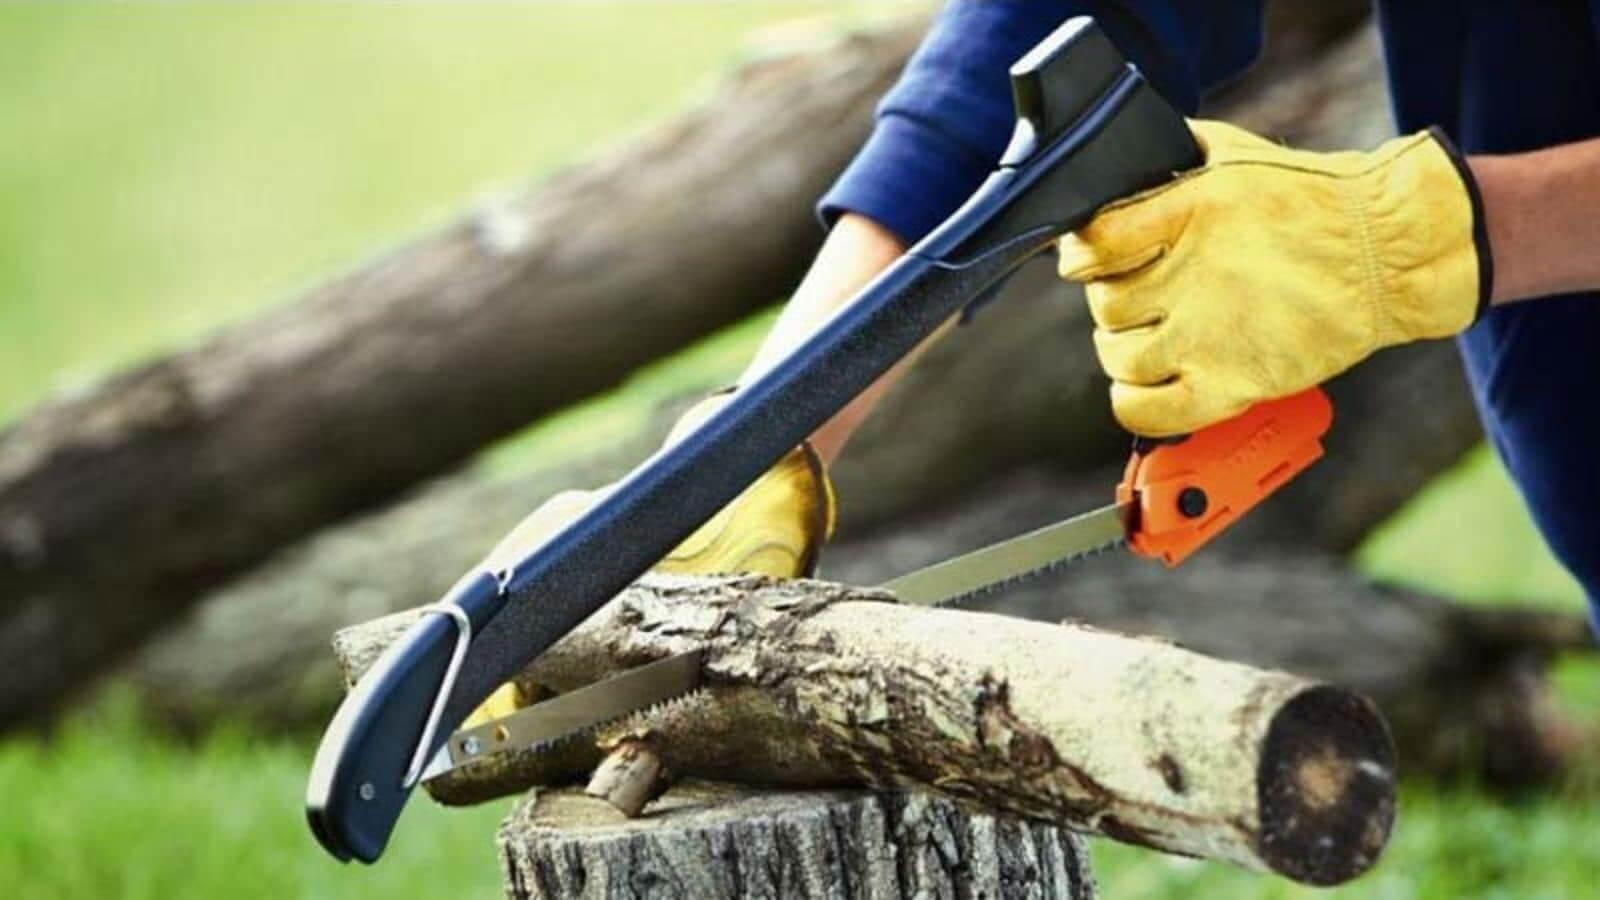 купить ножовочное полотно по дереву